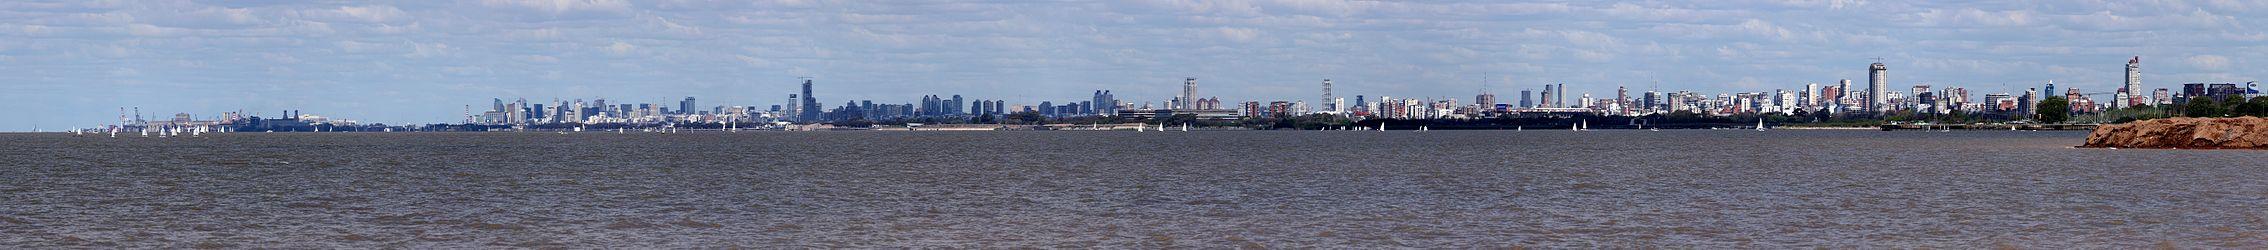 daytime skyline of a city